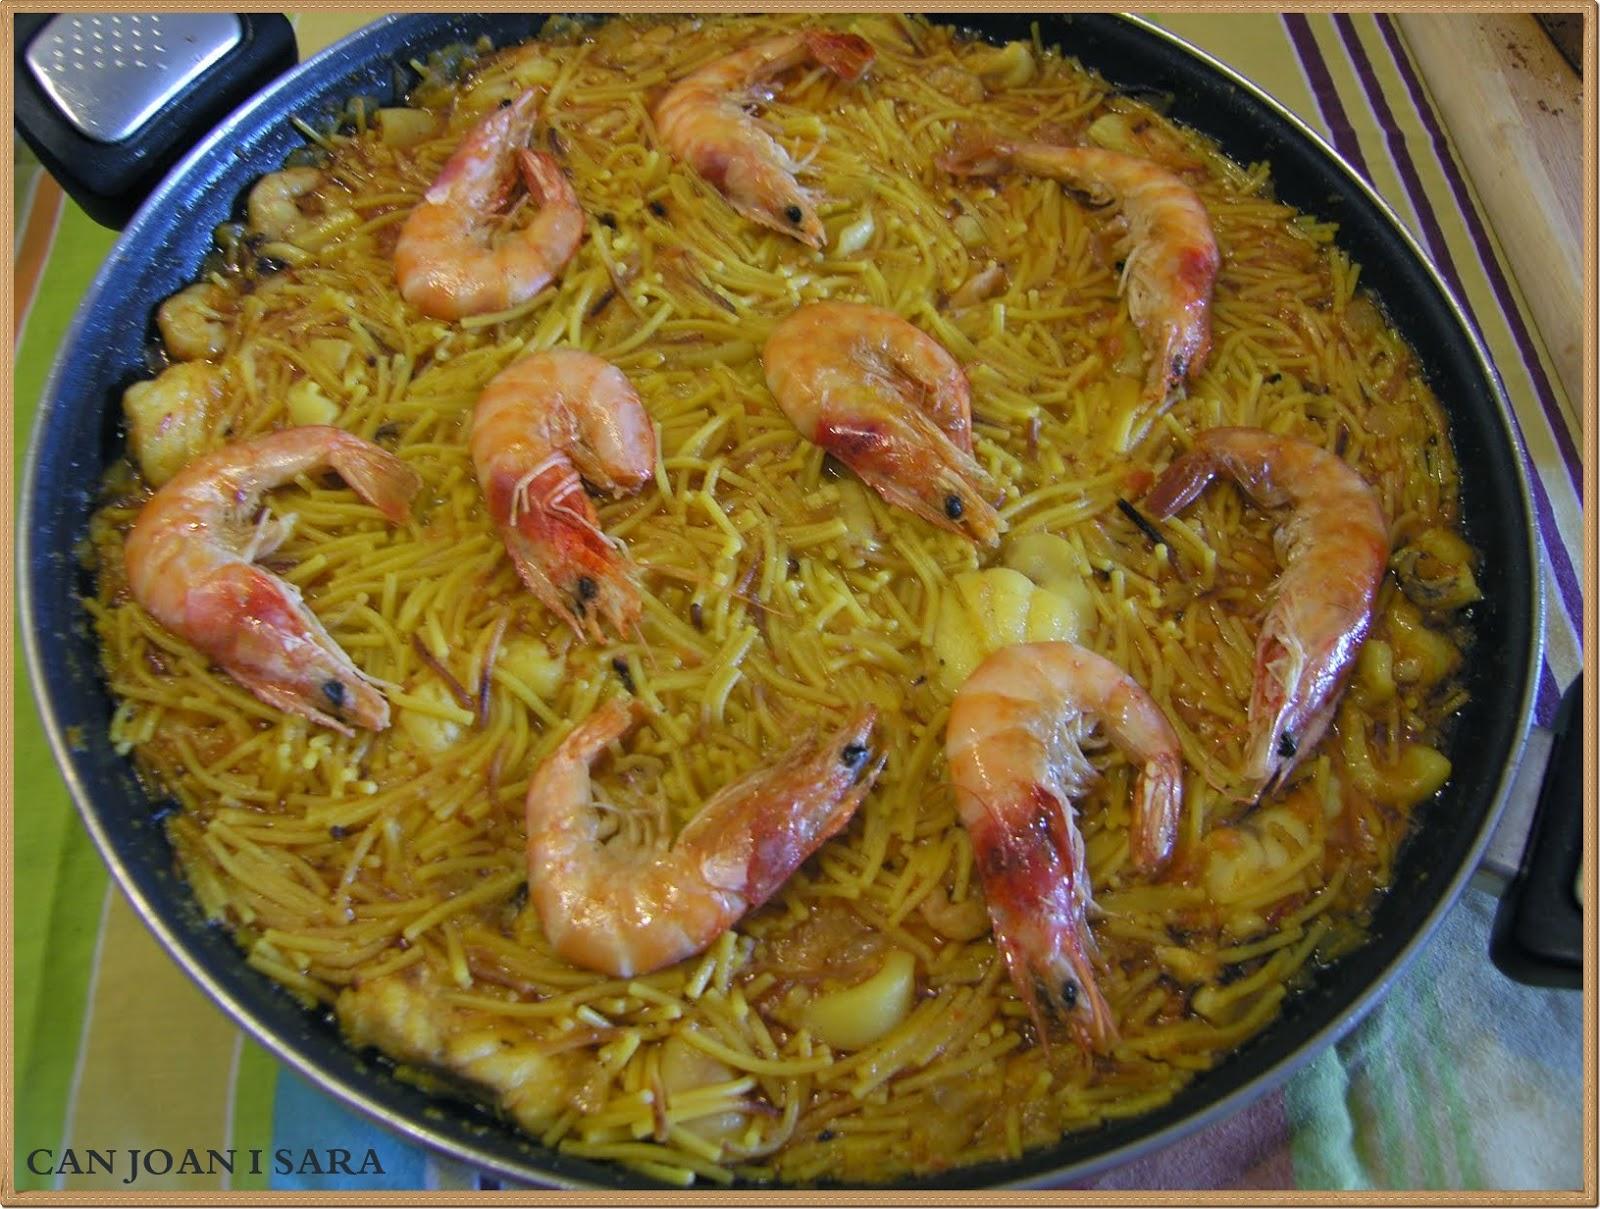 Fideua marinera recetas de cocina - Cocina con sara paella ...